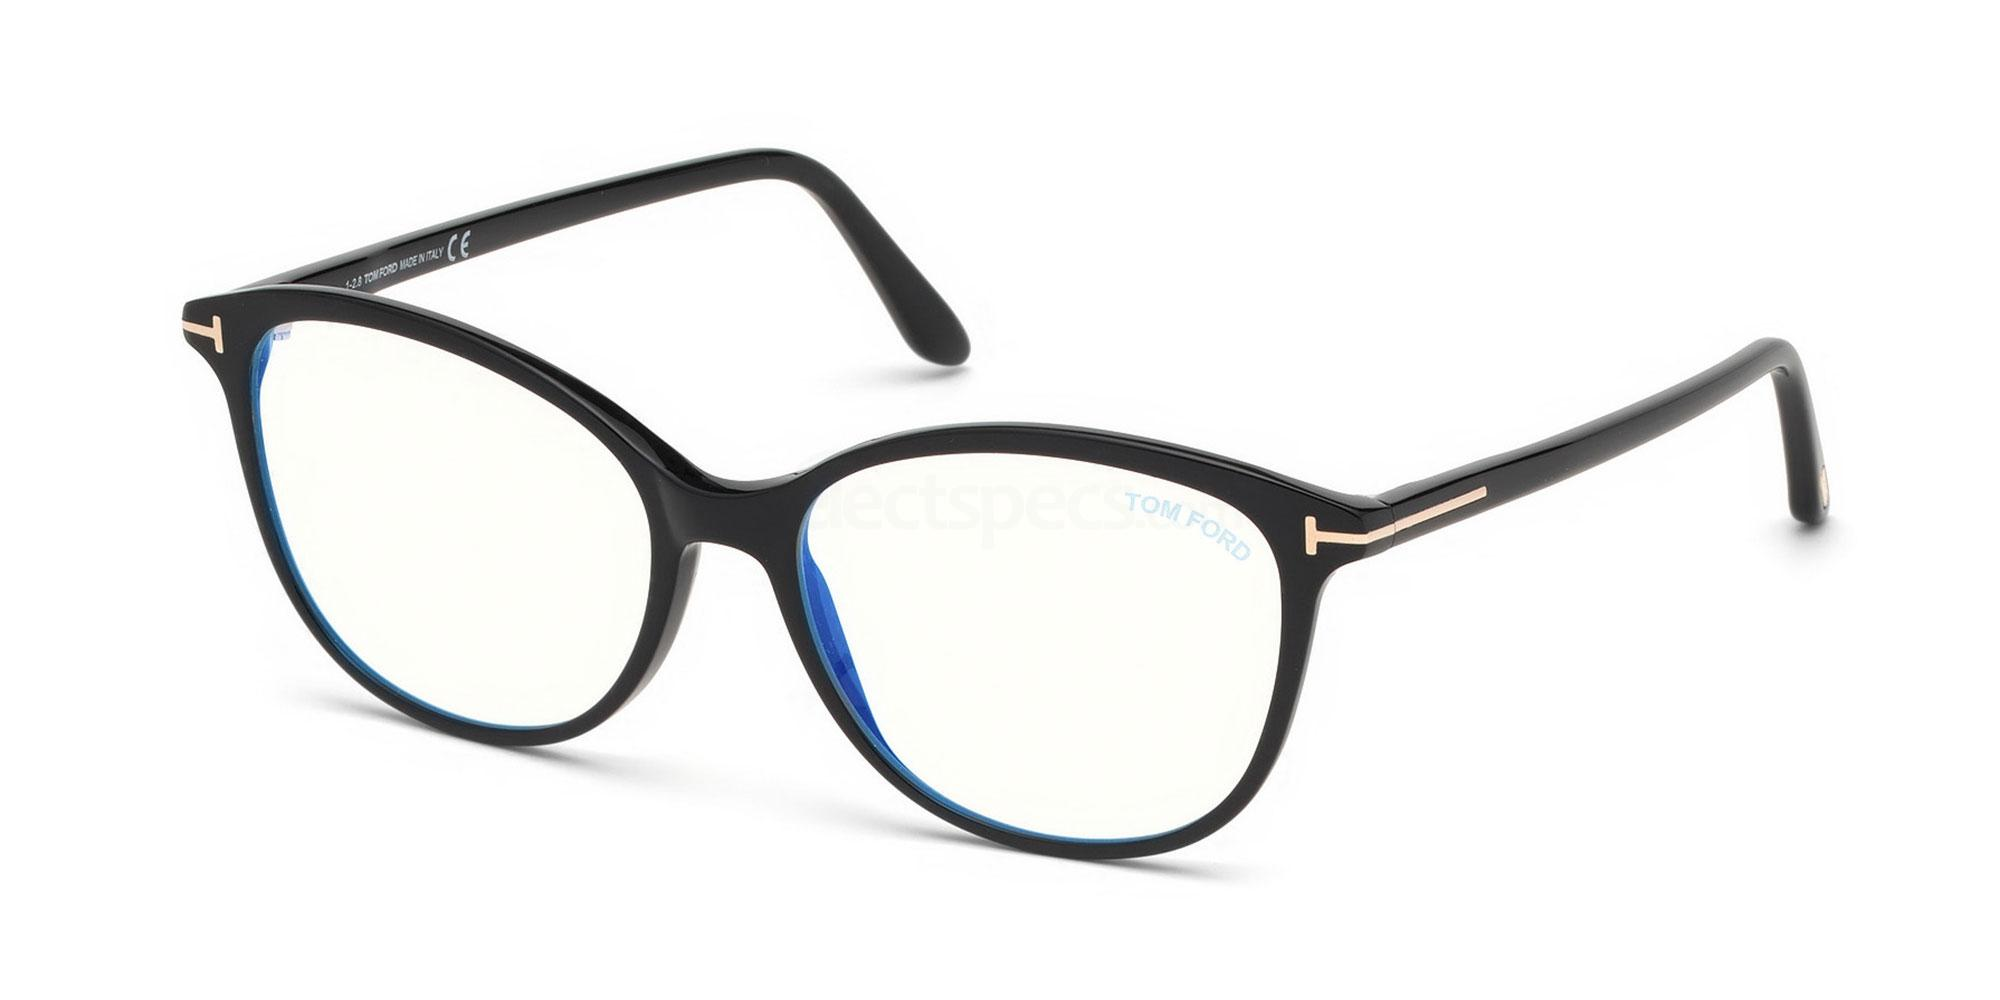 001 FT5576-B Glasses, Tom Ford